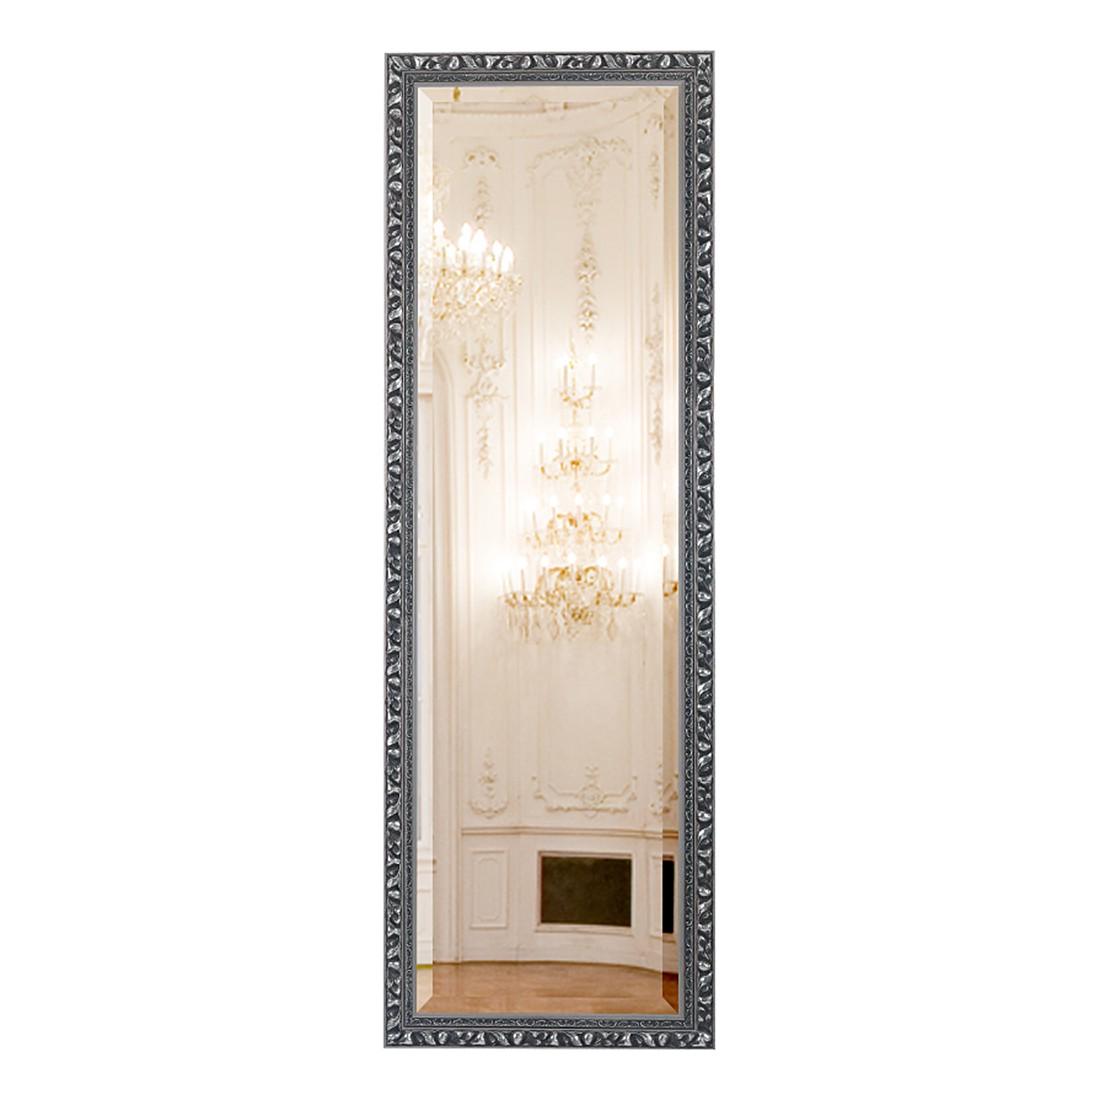 Miroir dia largeur 50 cm for Miroir largeur 50 cm